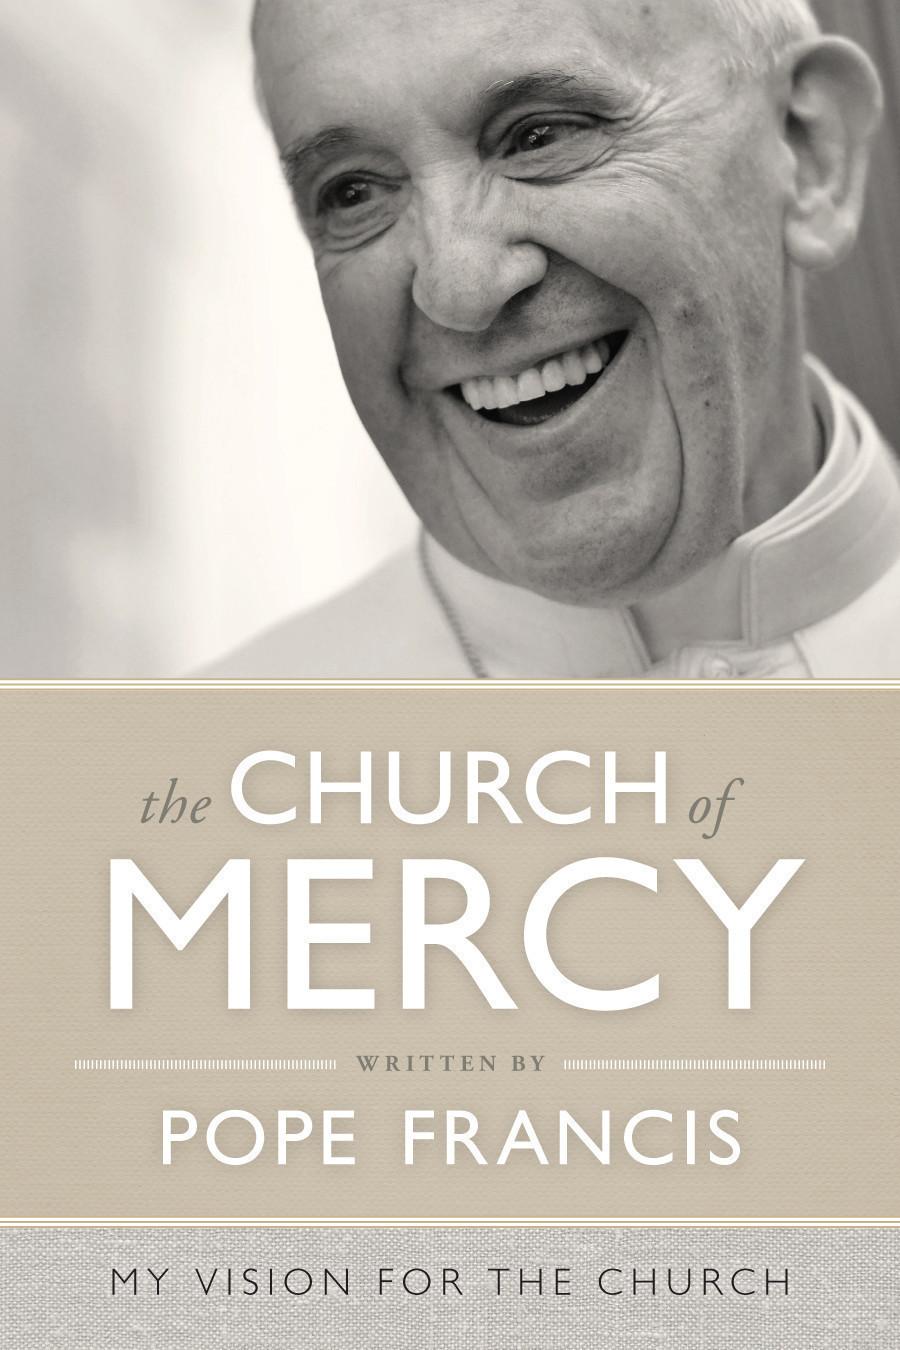 loyola press to publish english translation of pope francis book chicago tribune